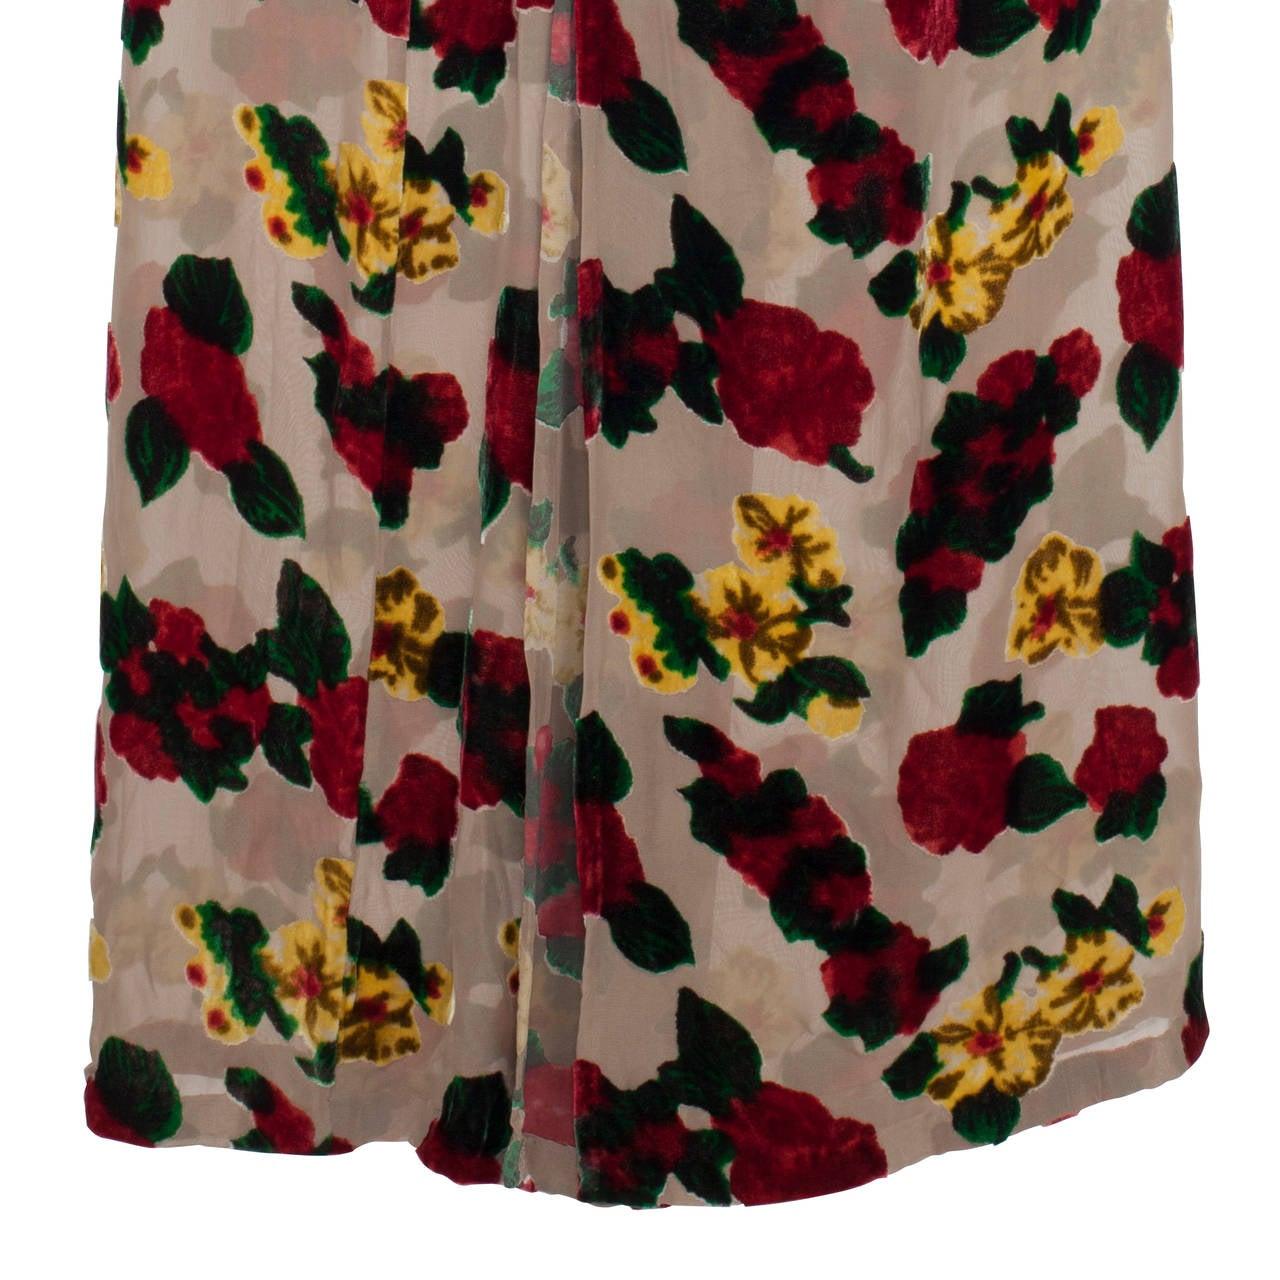 Yohji Yamamoto Sheer Skirt 1997 For Sale 2